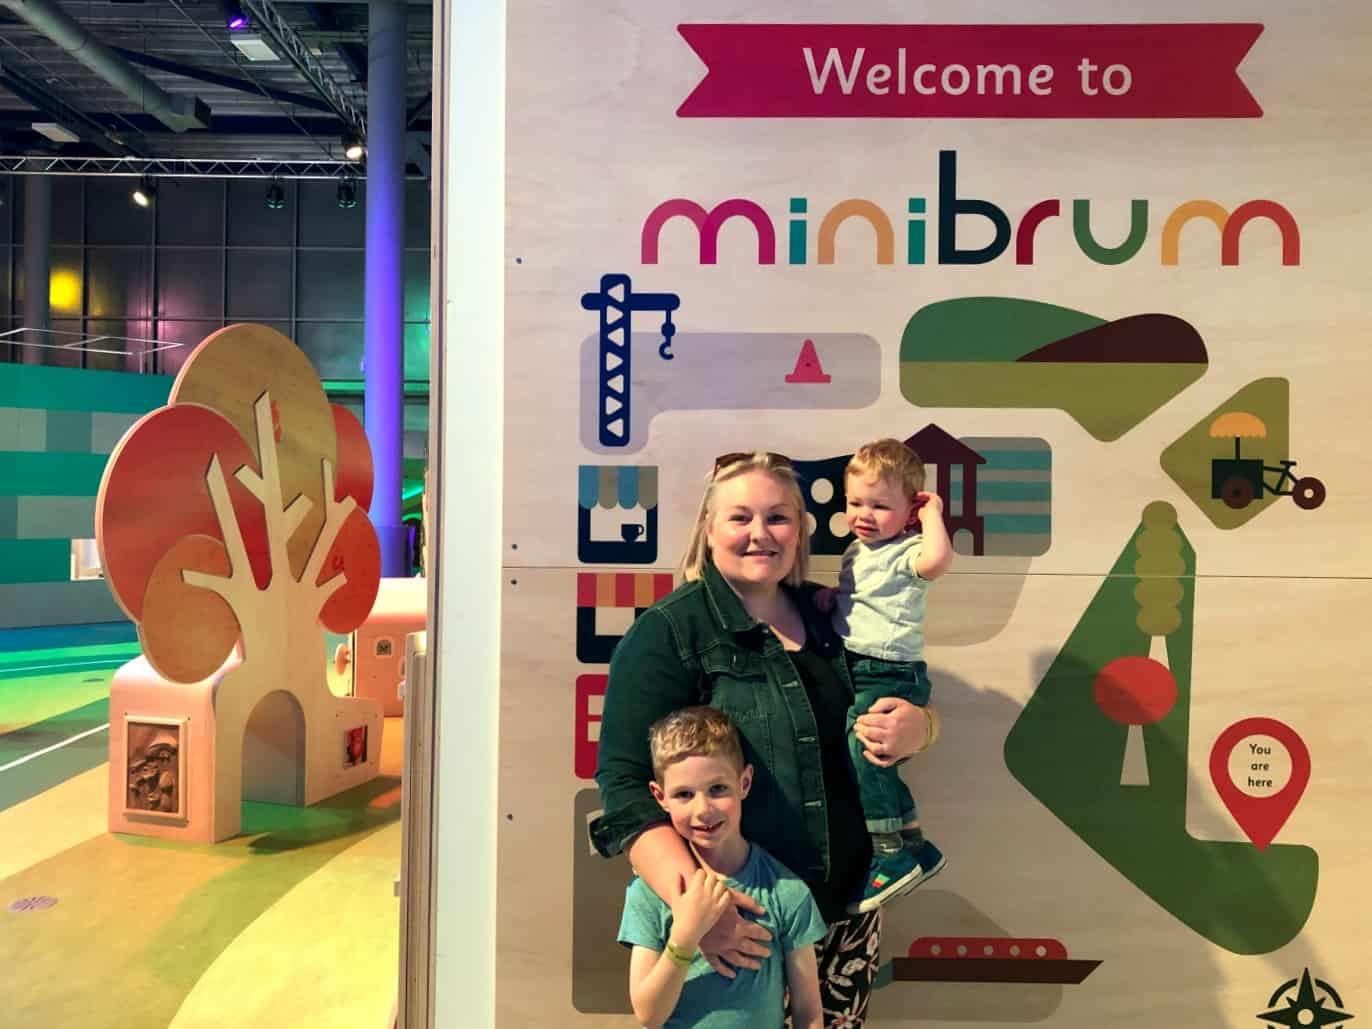 MiniBrum